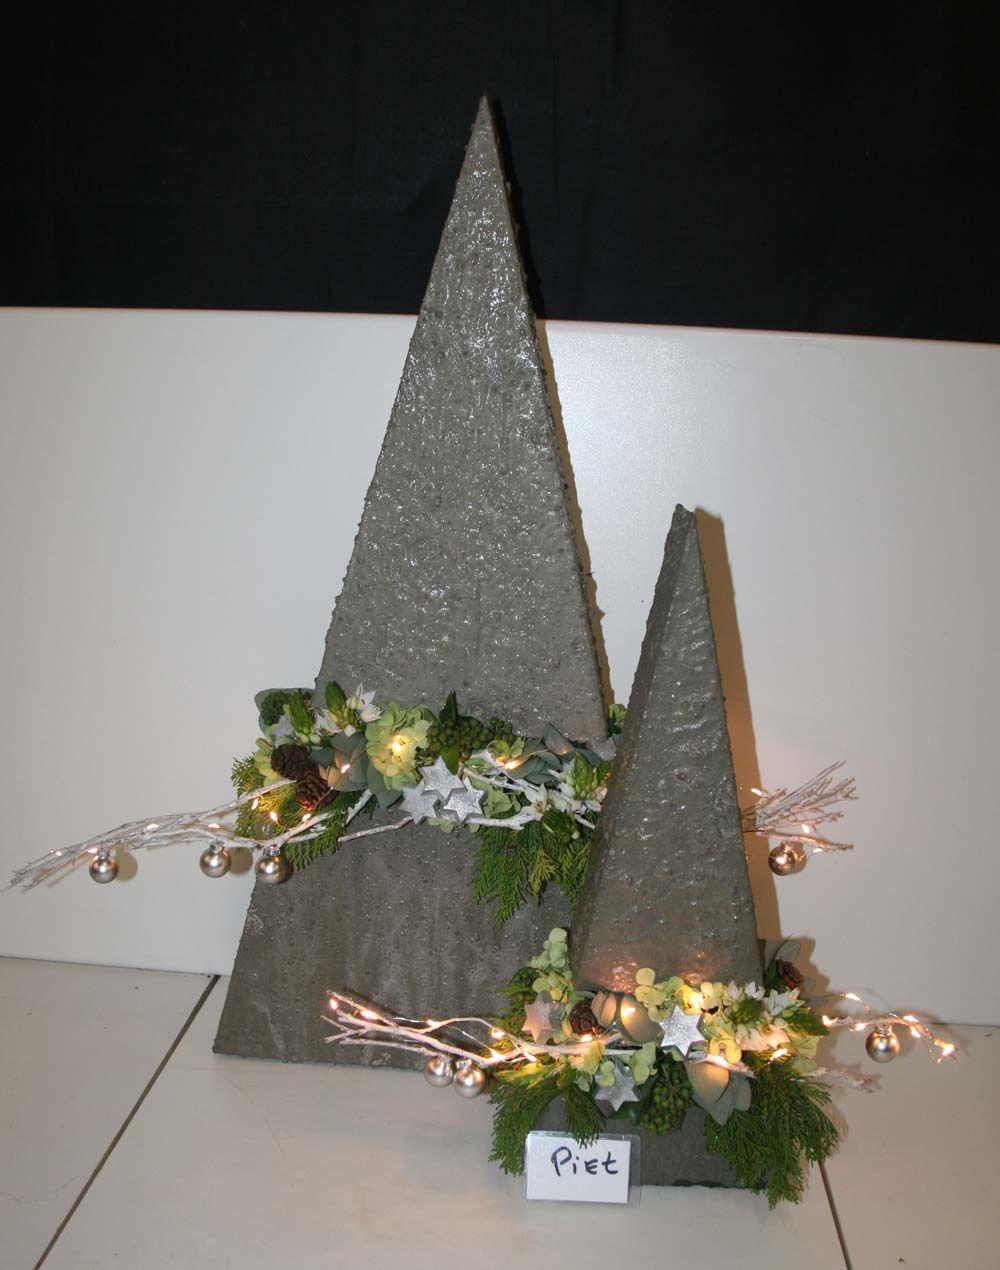 Weihnachtsdeko Holz, Weihnachtsdekoration, Weihnachtsbaum, Drinnen, Basteln  Weihnachten, Weihnachtsmarkt, Weihnachtliches, Kleine Geschenke, Haushalte